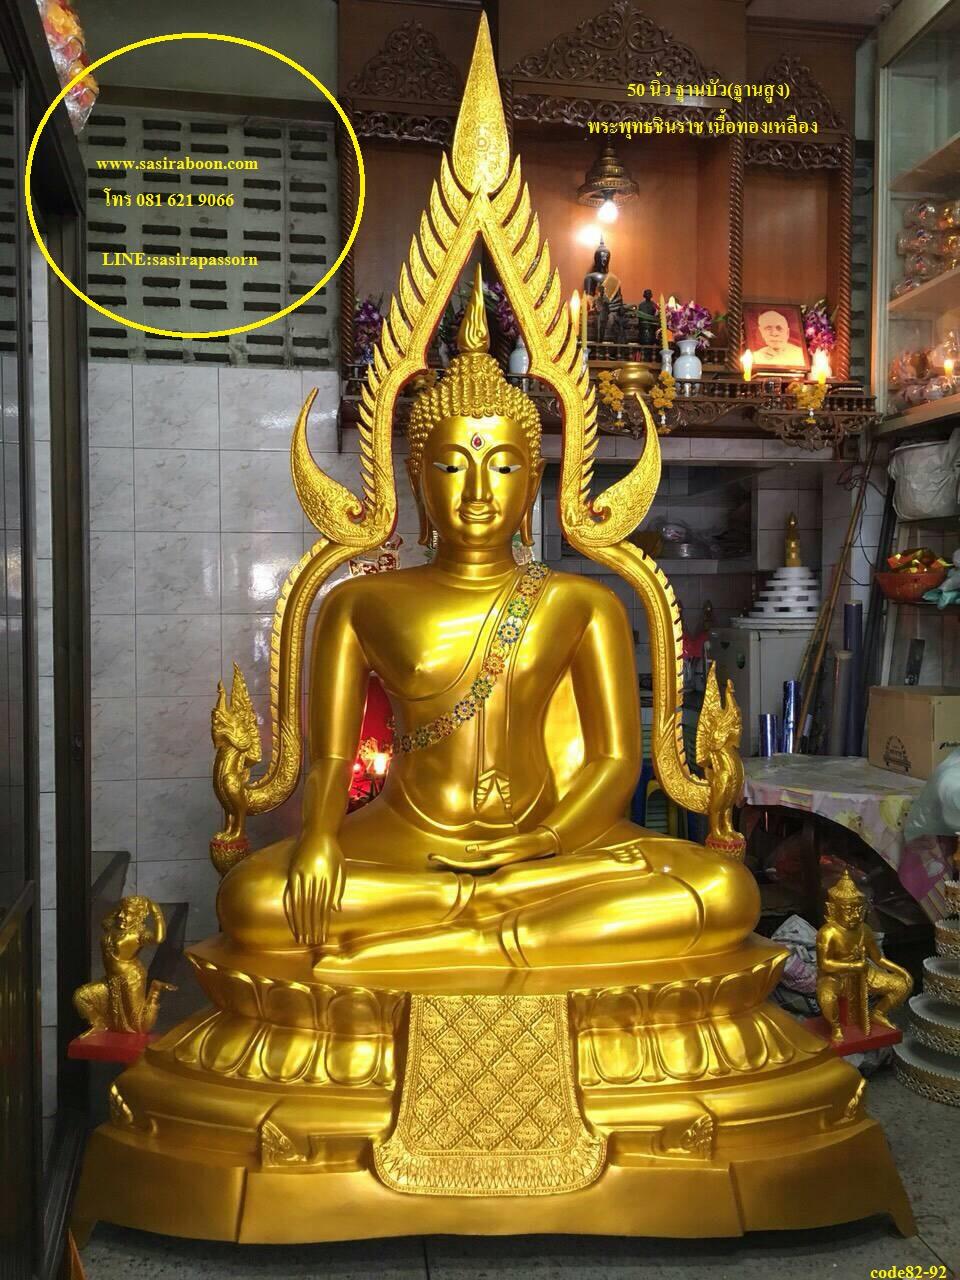 พระประธานปางพระพุทธชินราชทองเหลือง 50 นิ้วฐานบัว(ฐานสูง)